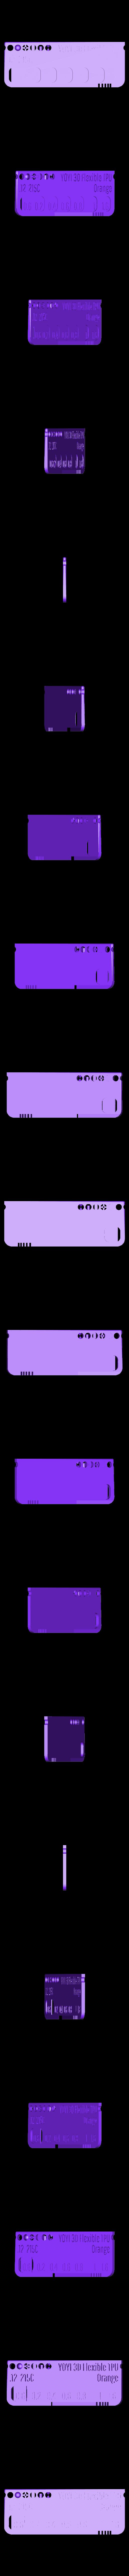 configurable_filament_swatch_vs_20190518-61-10mpwom.stl Télécharger fichier STL gratuit Ma montre filament personnalisée (YOYI 3D Flexible TPU 215C) • Modèle à imprimer en 3D, Gemenon-Prop-Replicas